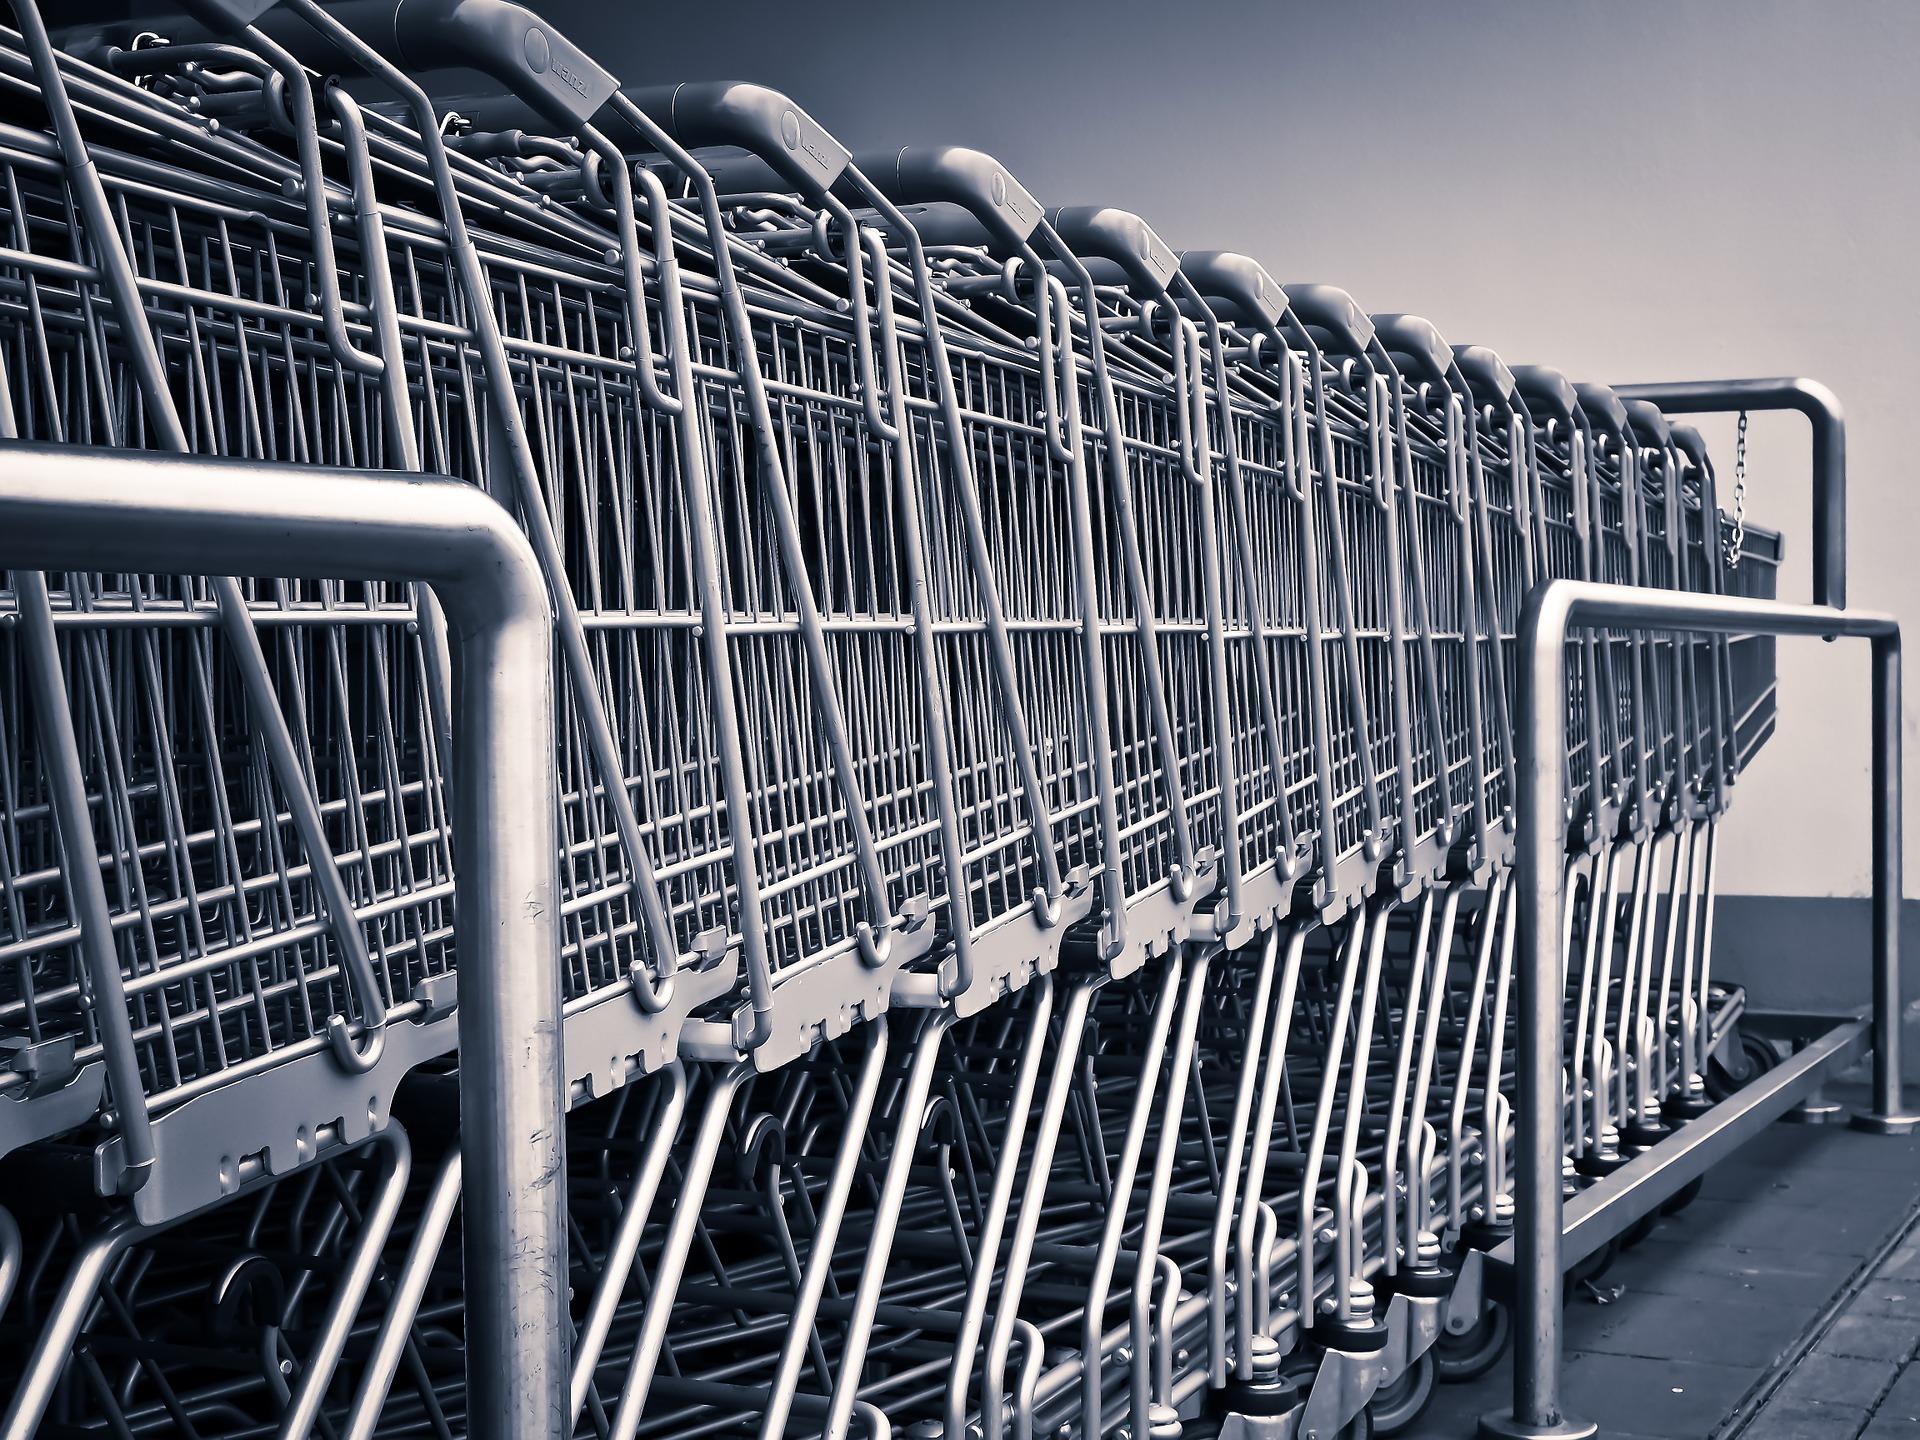 Les chariots connectés de Wanzl pour les supermarchés